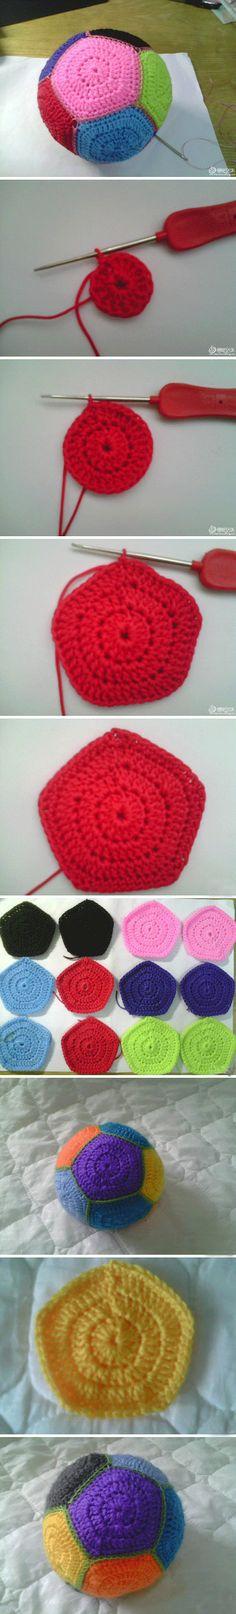 Crochet Granny Ball - Tutorial ❥ 4U // hf